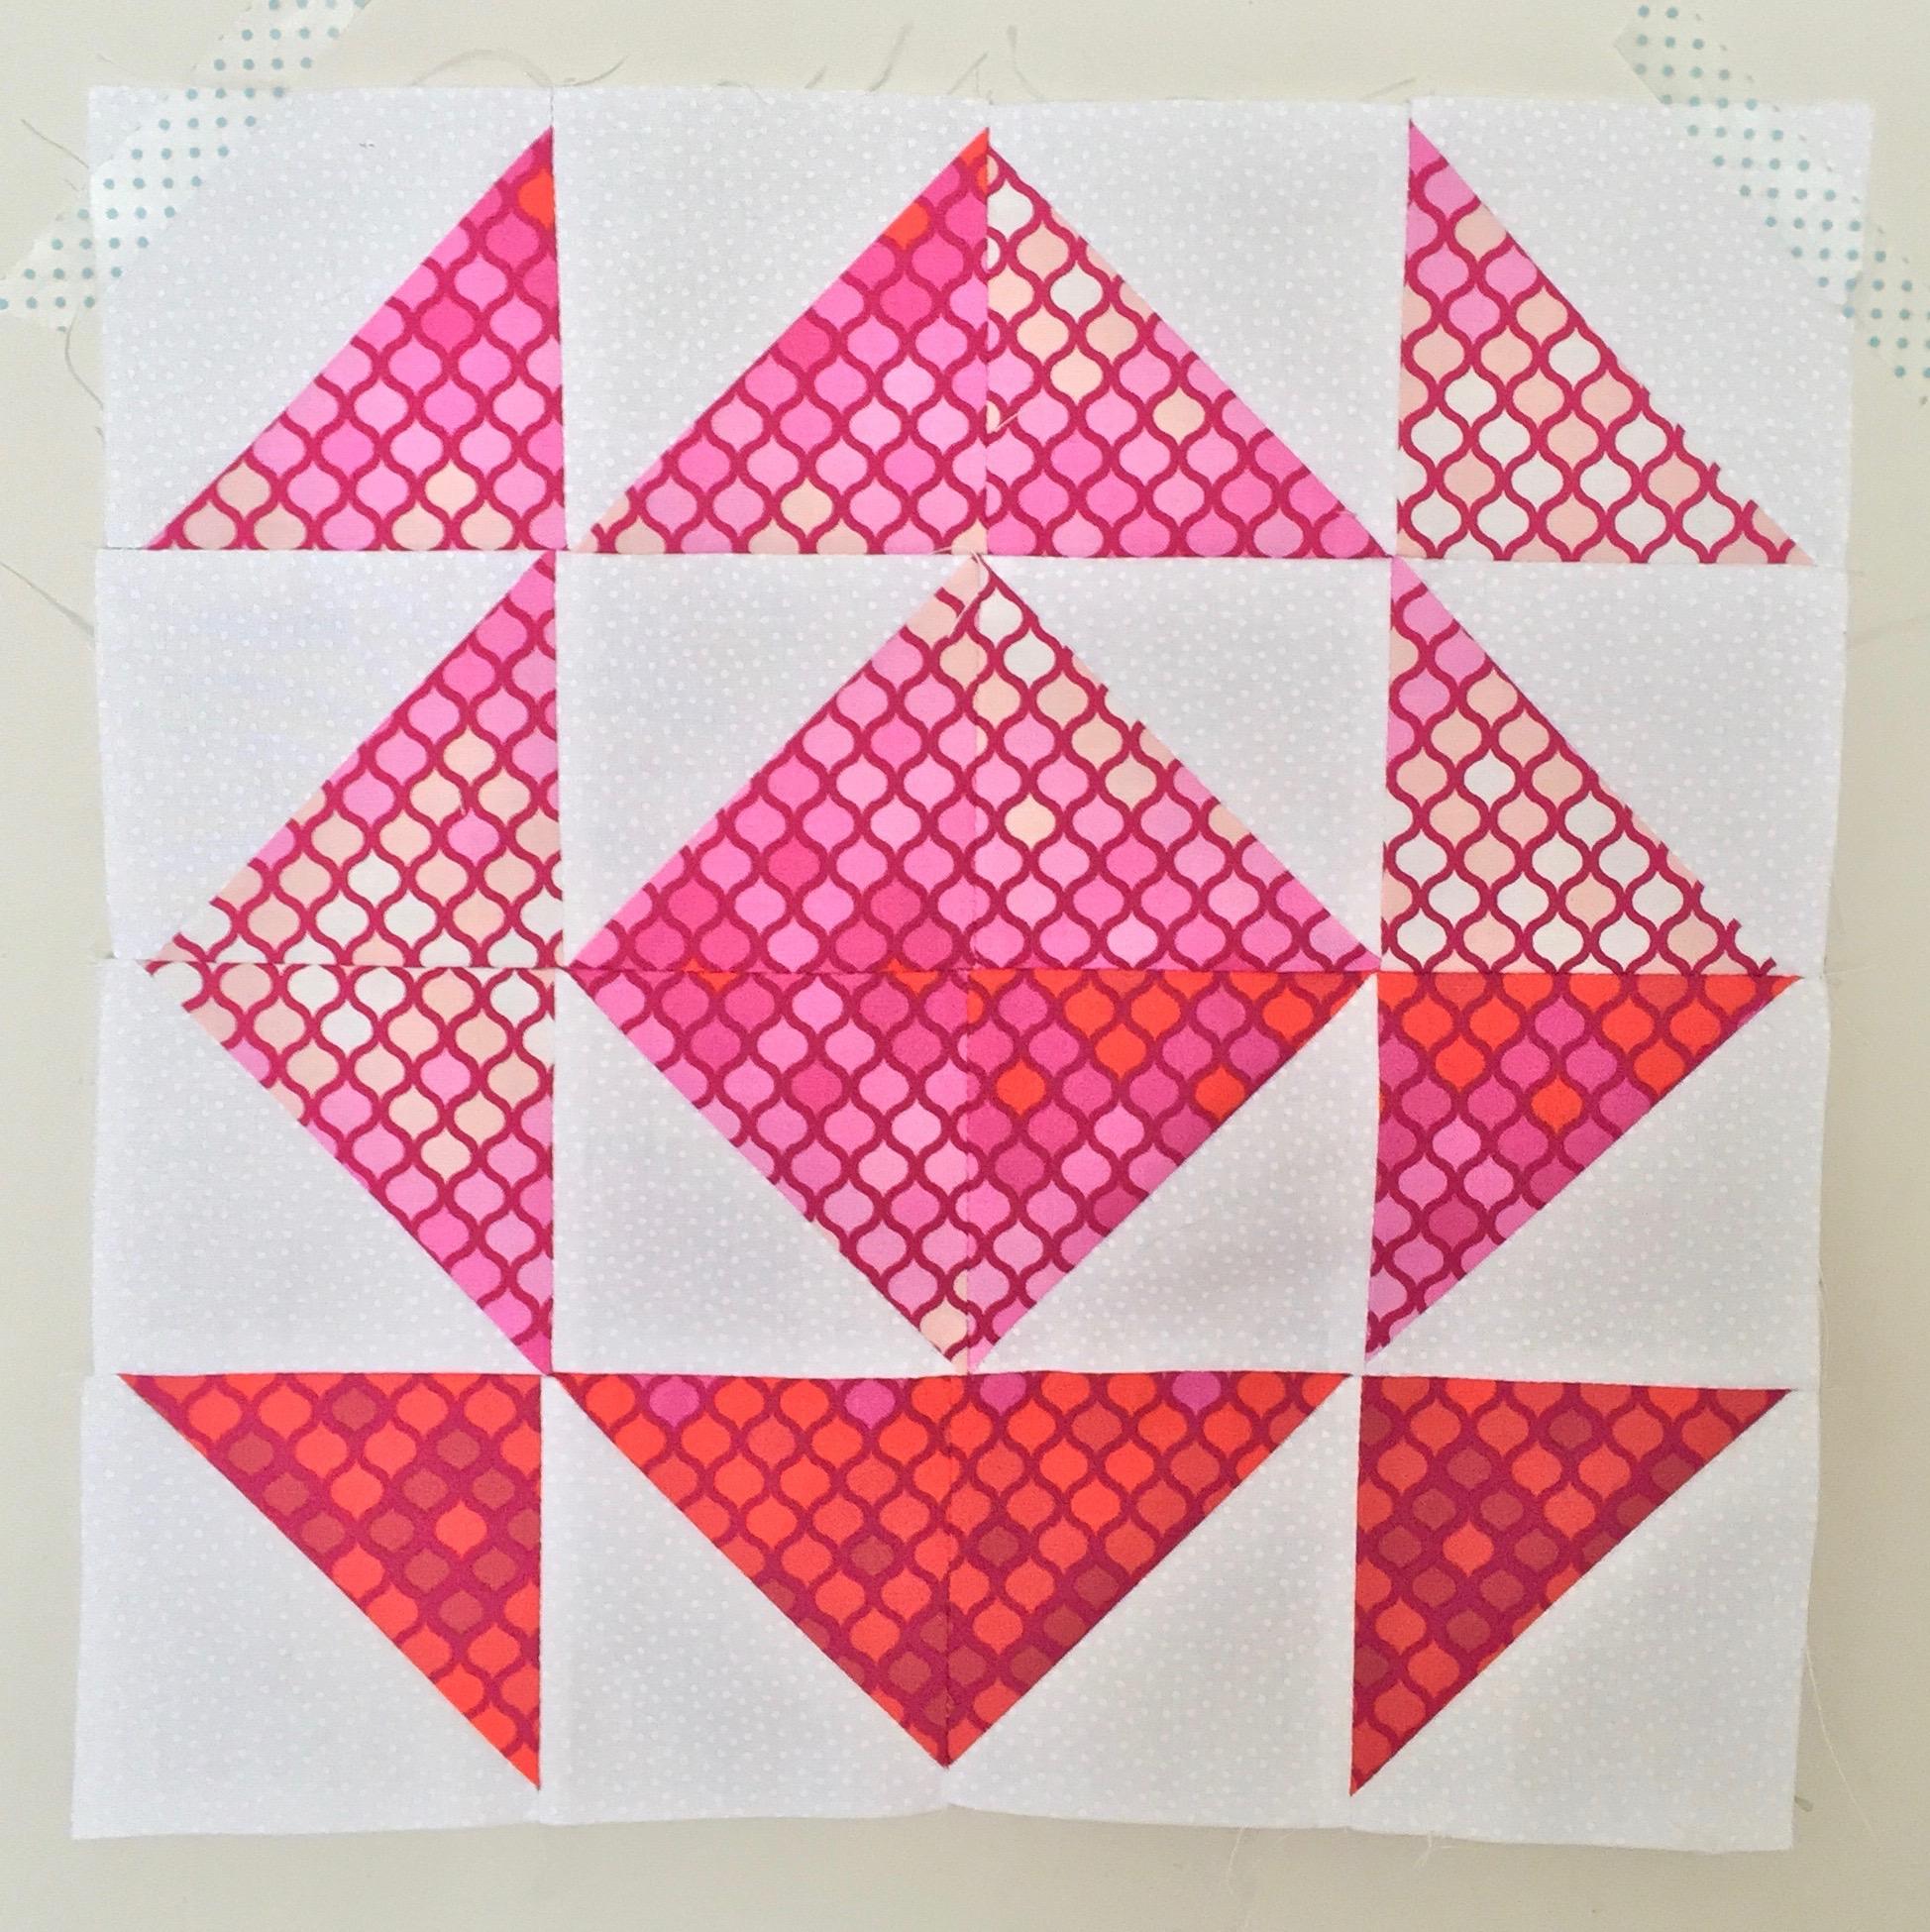 Mosaic  Half Square Triangle Quilt Block